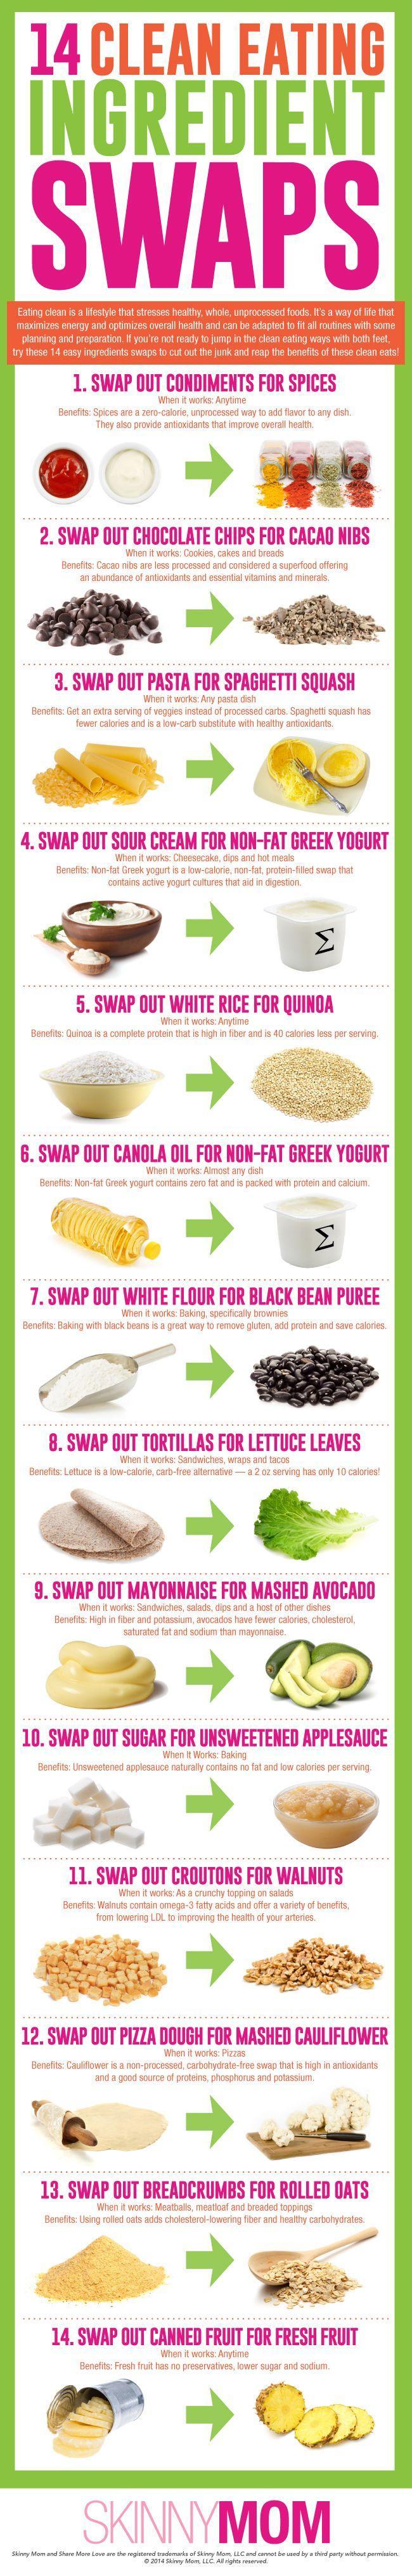 14 Clean Eating Ingredient Swaps